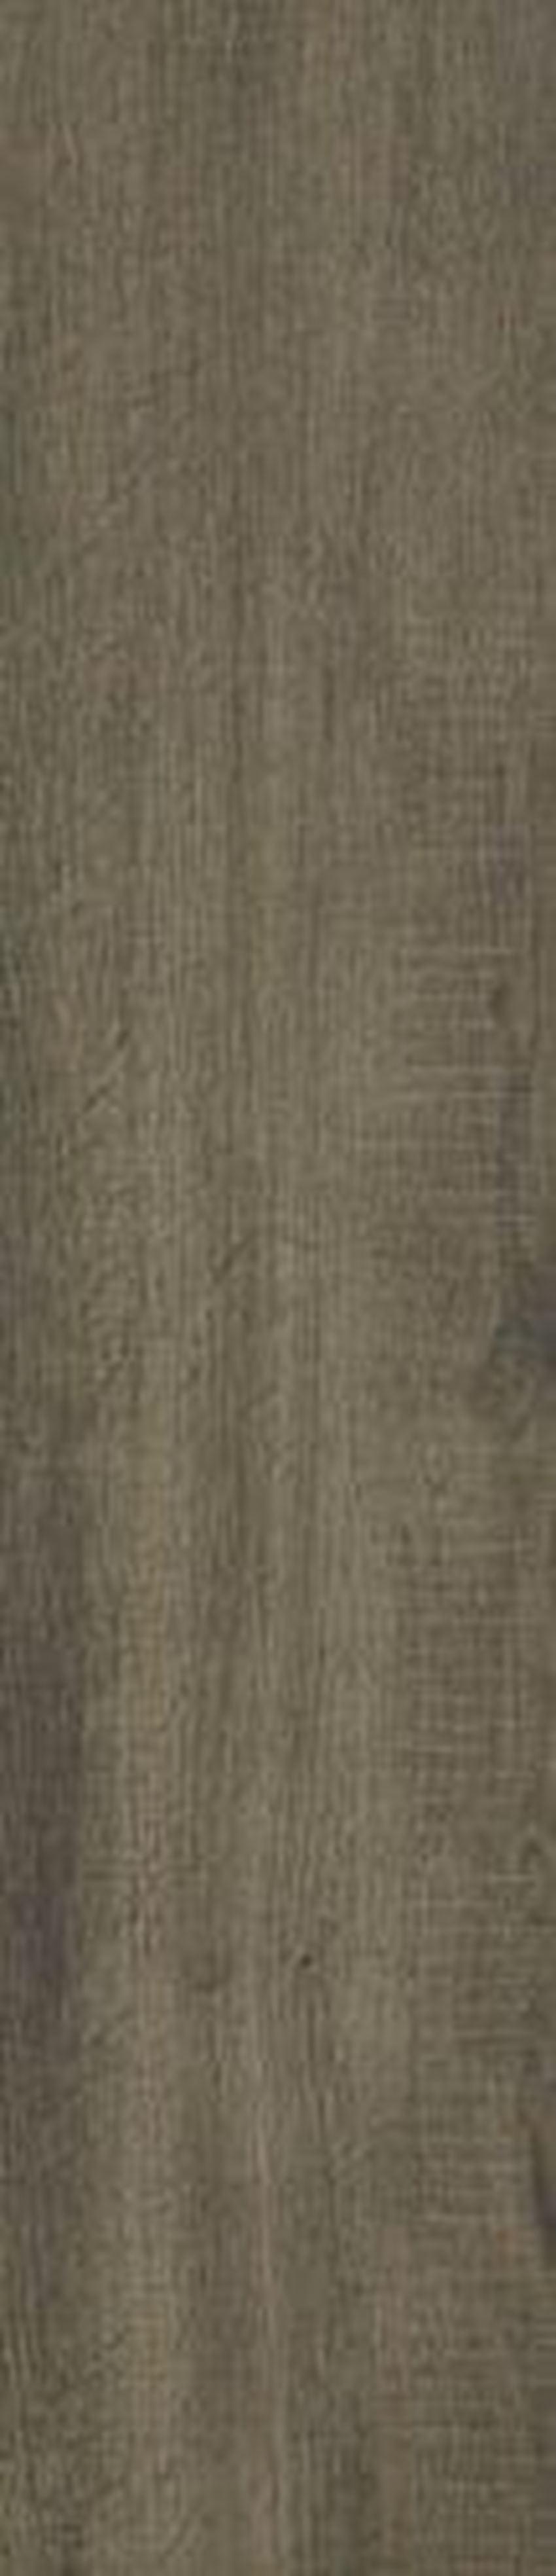 Płytka ścienno-podłogowa 19,4x90 cm Paradyż Tammi Brown Gres Szklany Rektyfikowany Mat